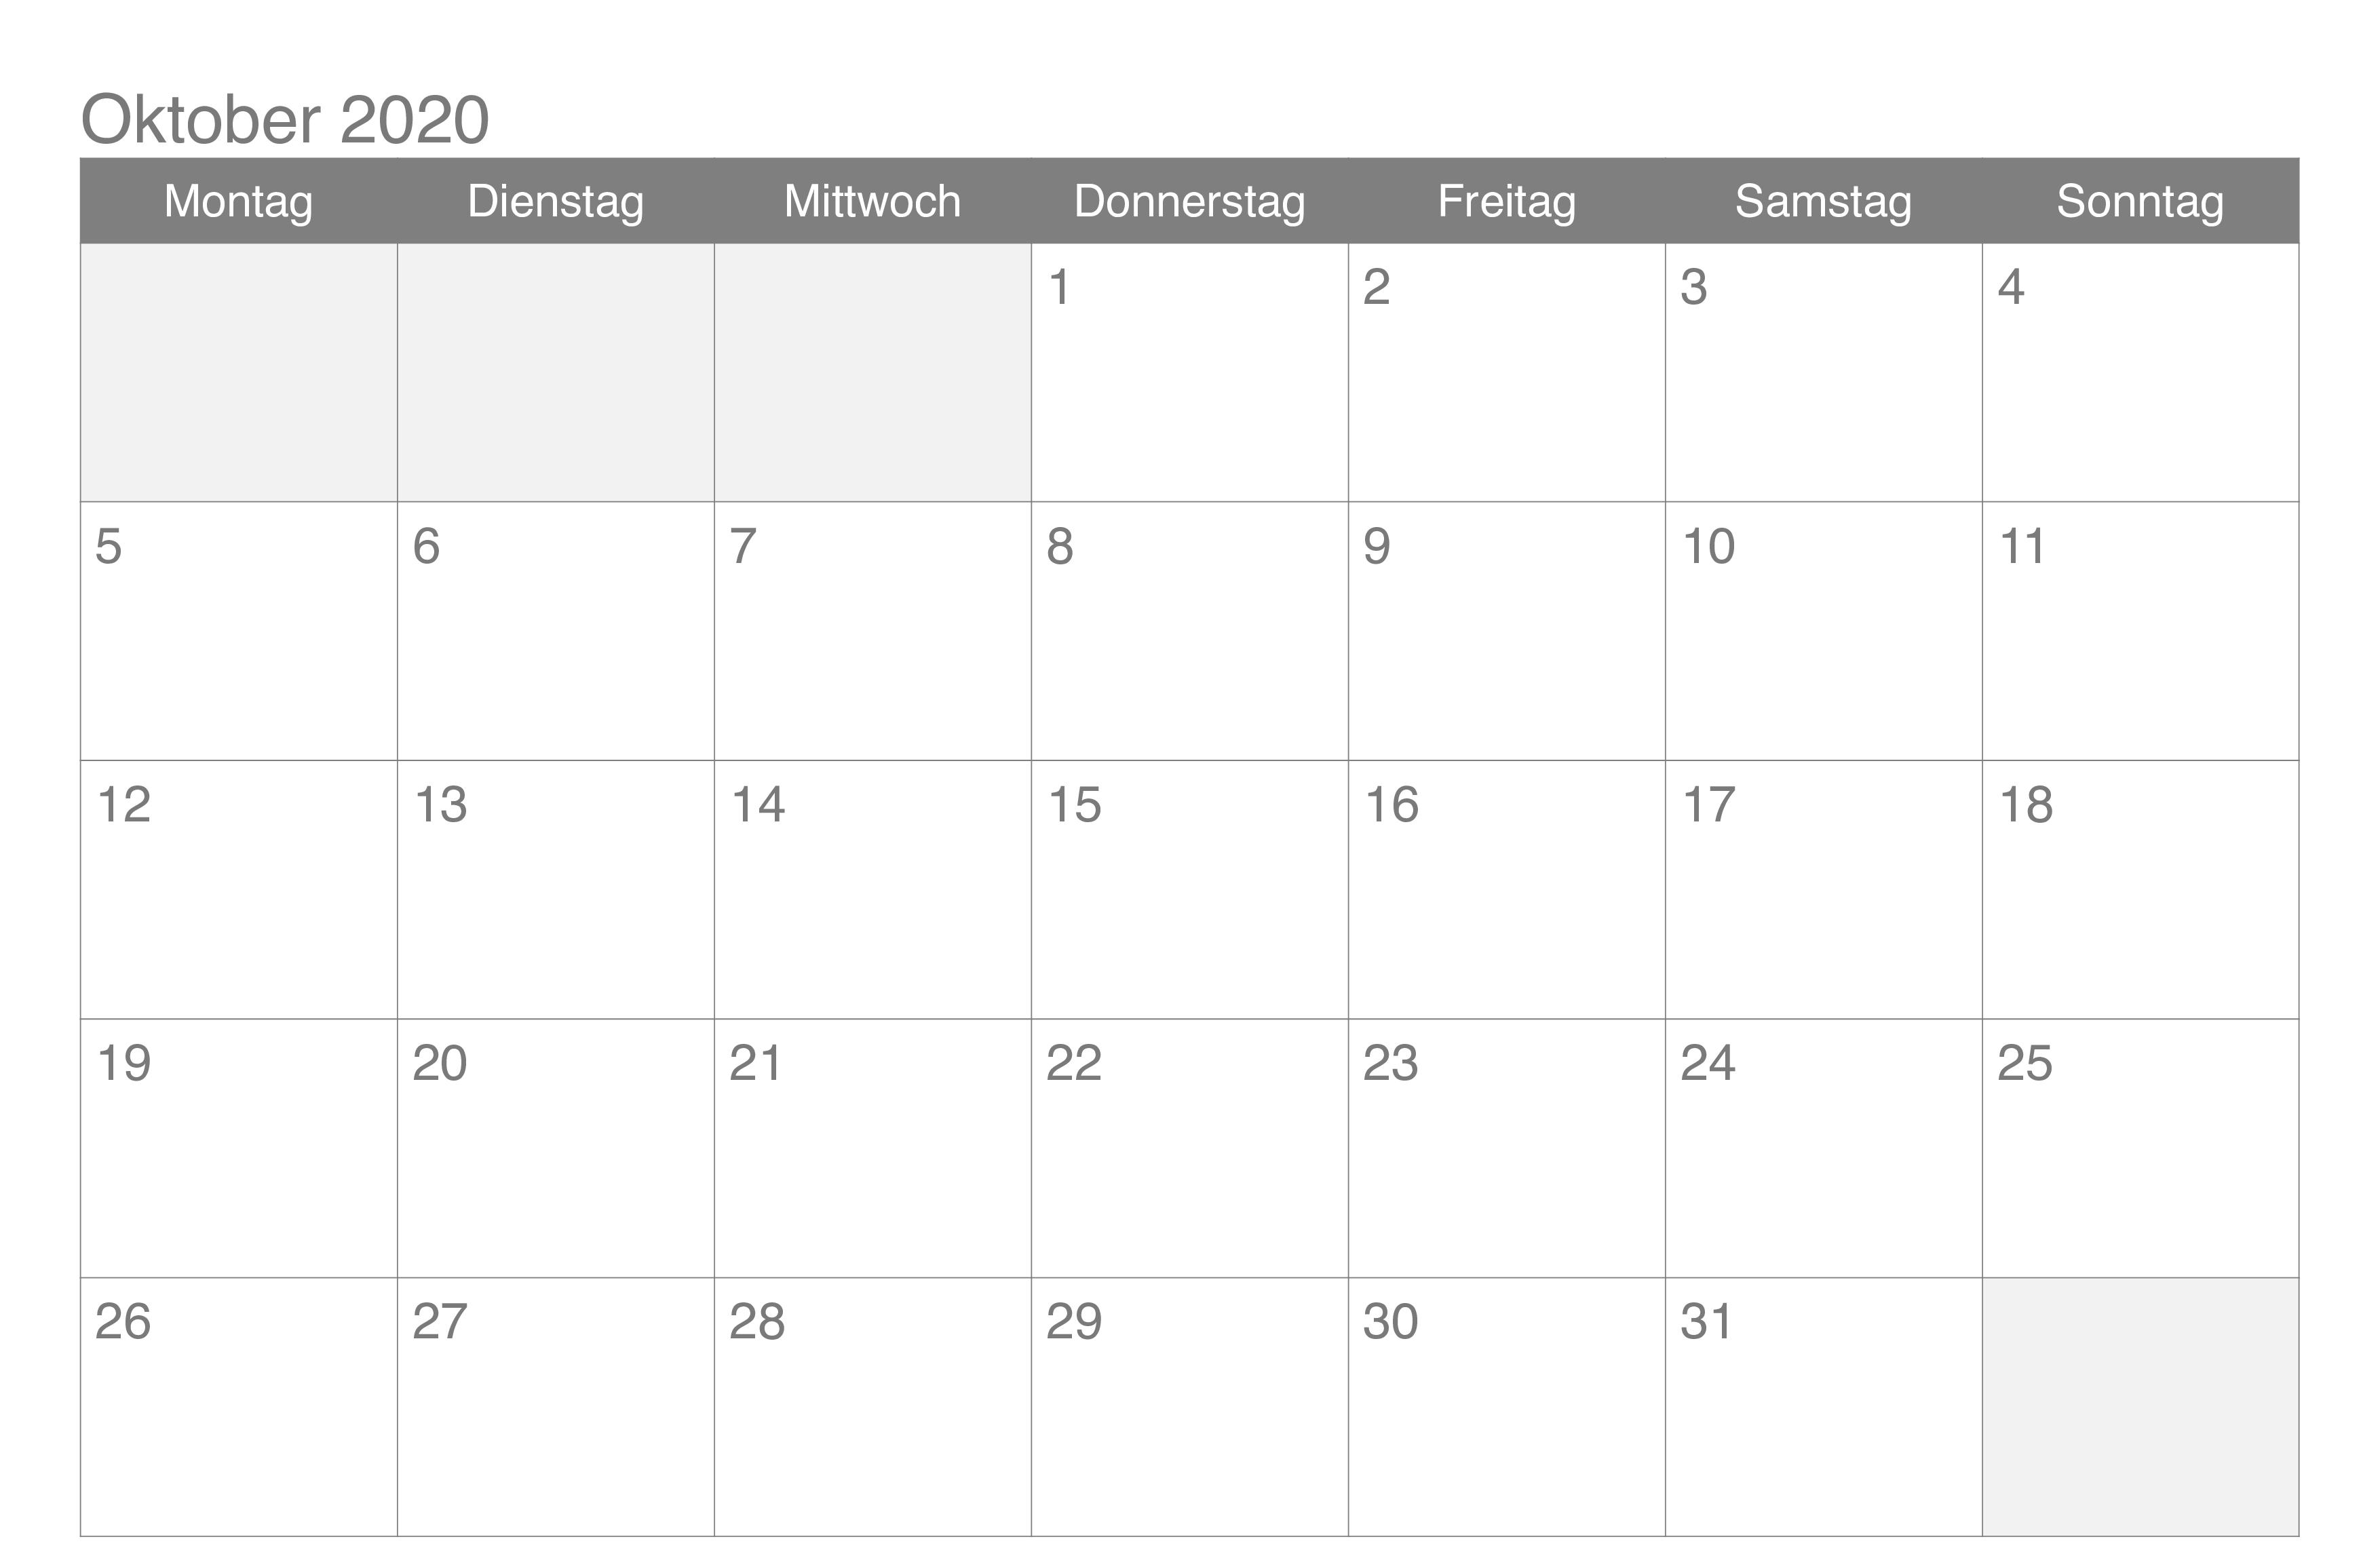 Oktober 2020 Kalender zum Ausdrucken